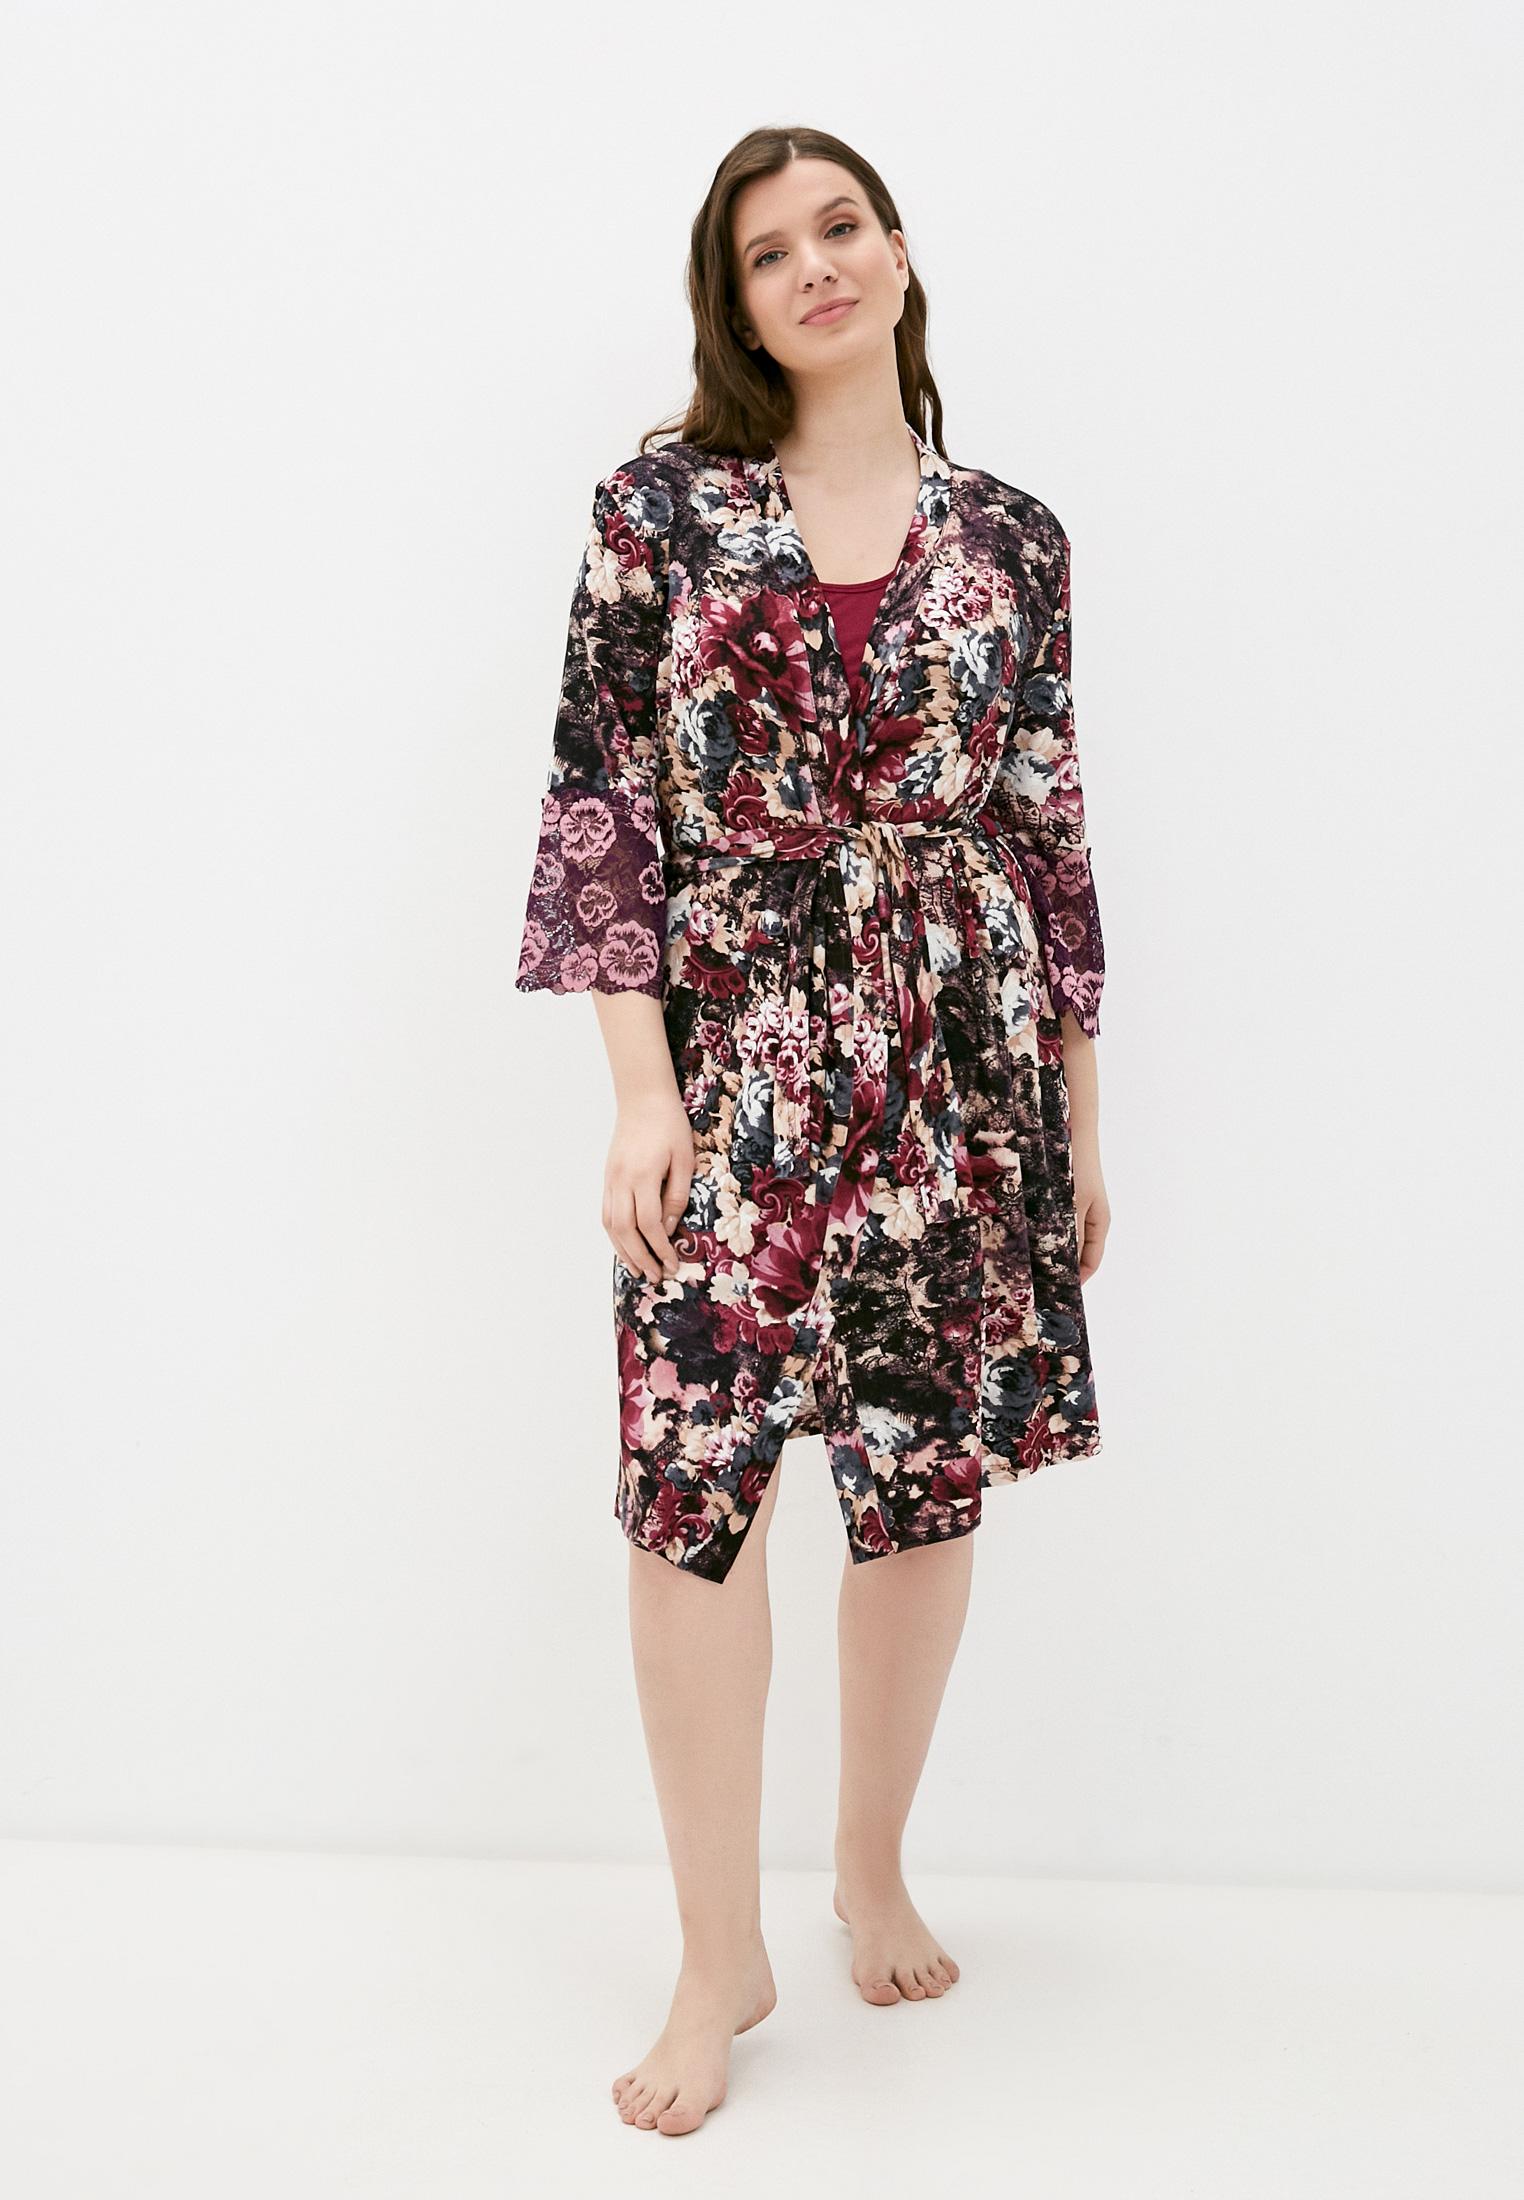 Женское белье и одежда для дома Winzor ДК370